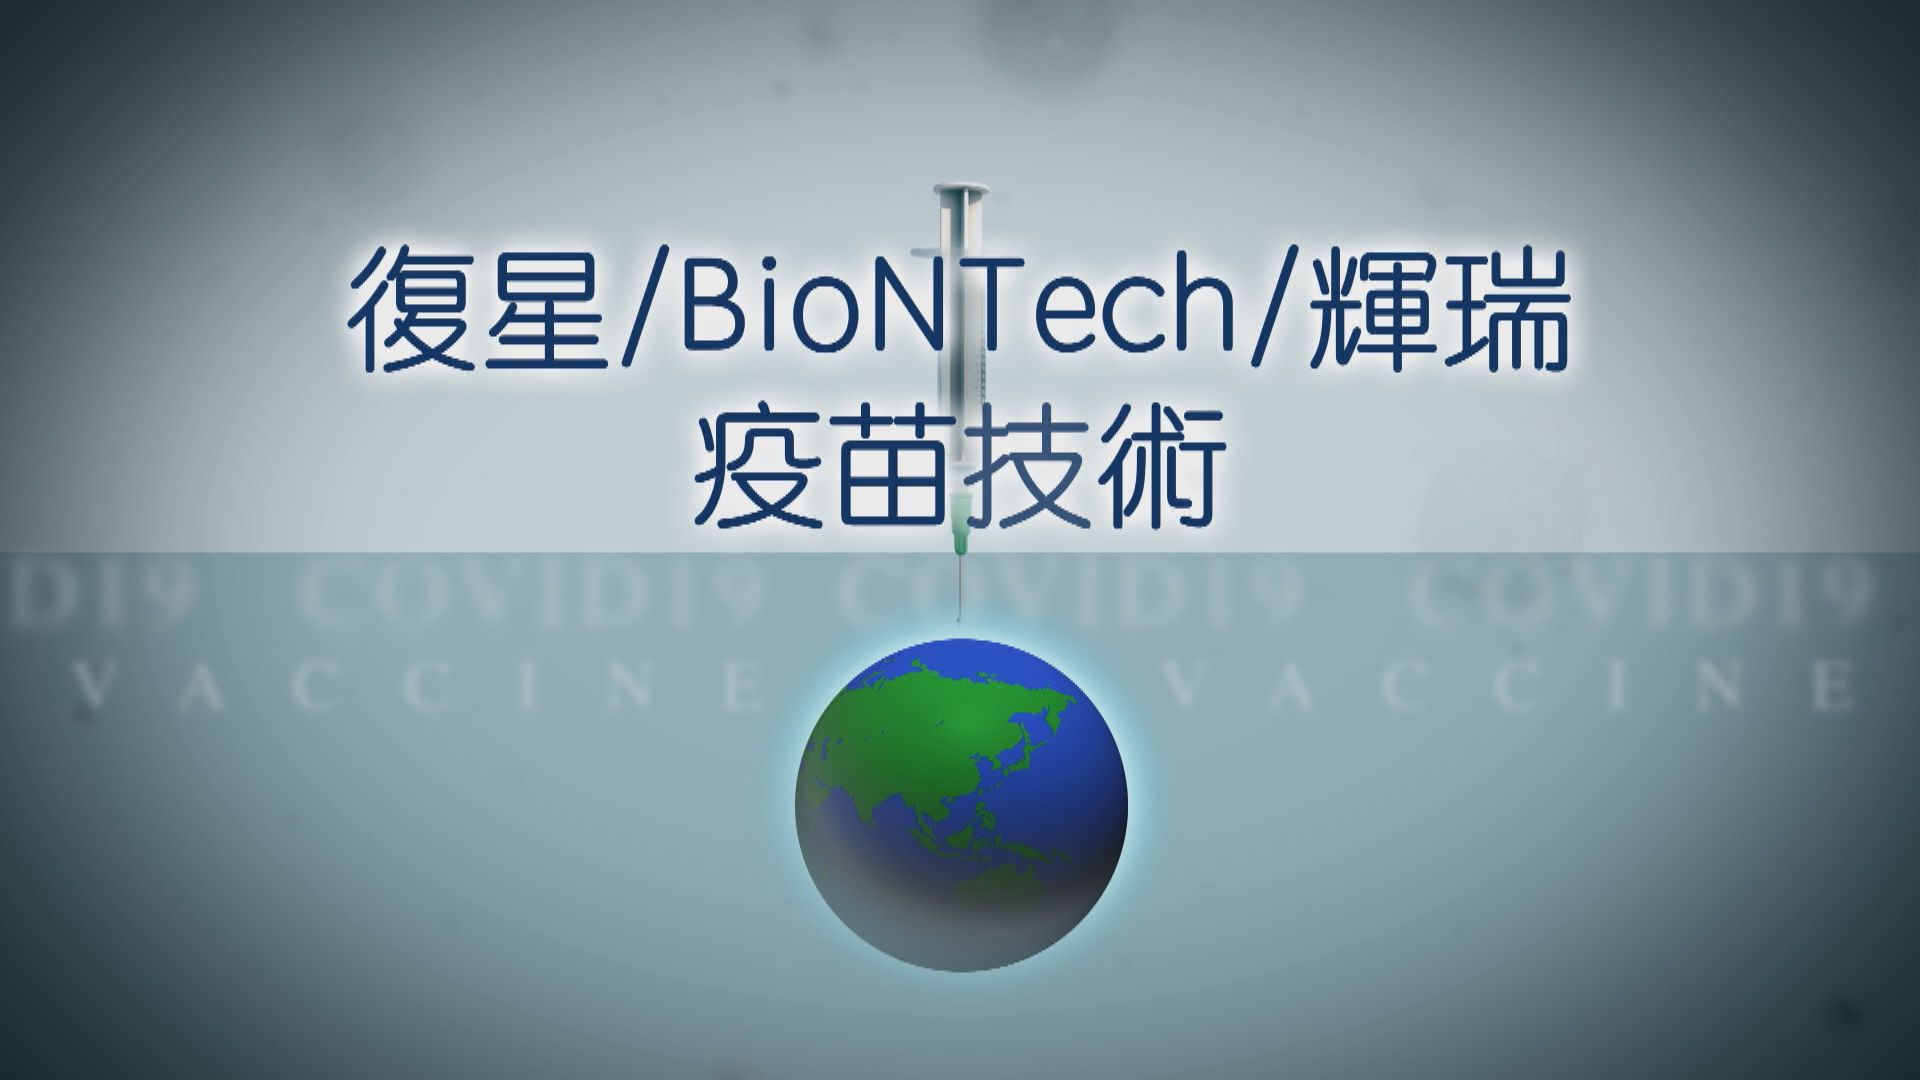 【疫苗知多啲】復星/BioNTech/輝瑞疫苗技術